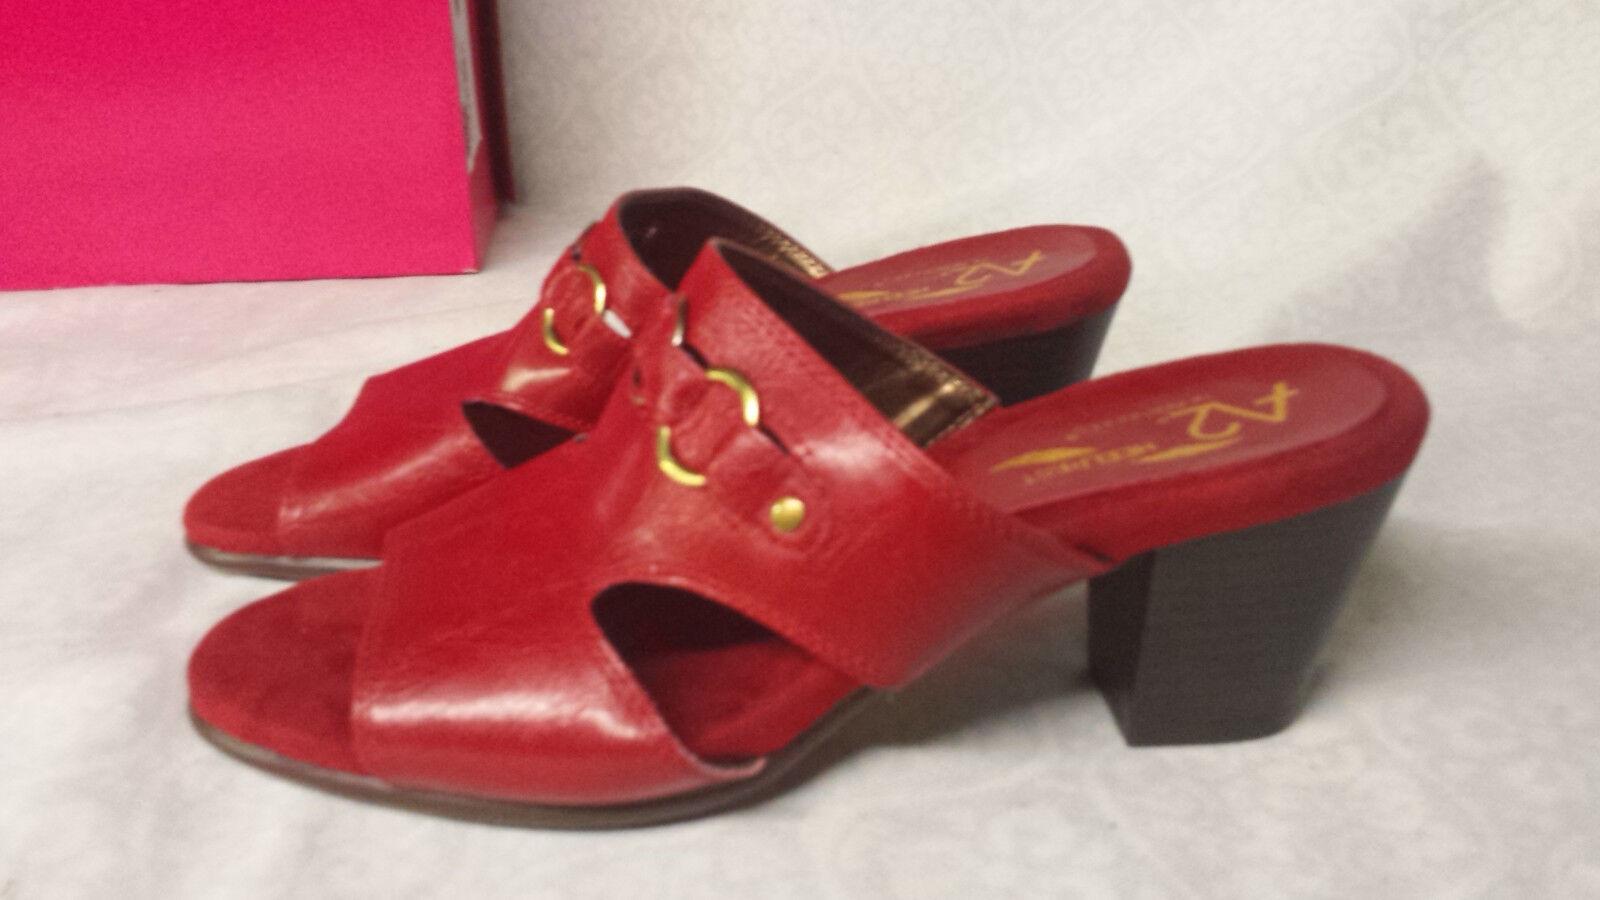 A2 by Aerosoles Women's  Base Board Slide Sandal Mule Size 7 Red